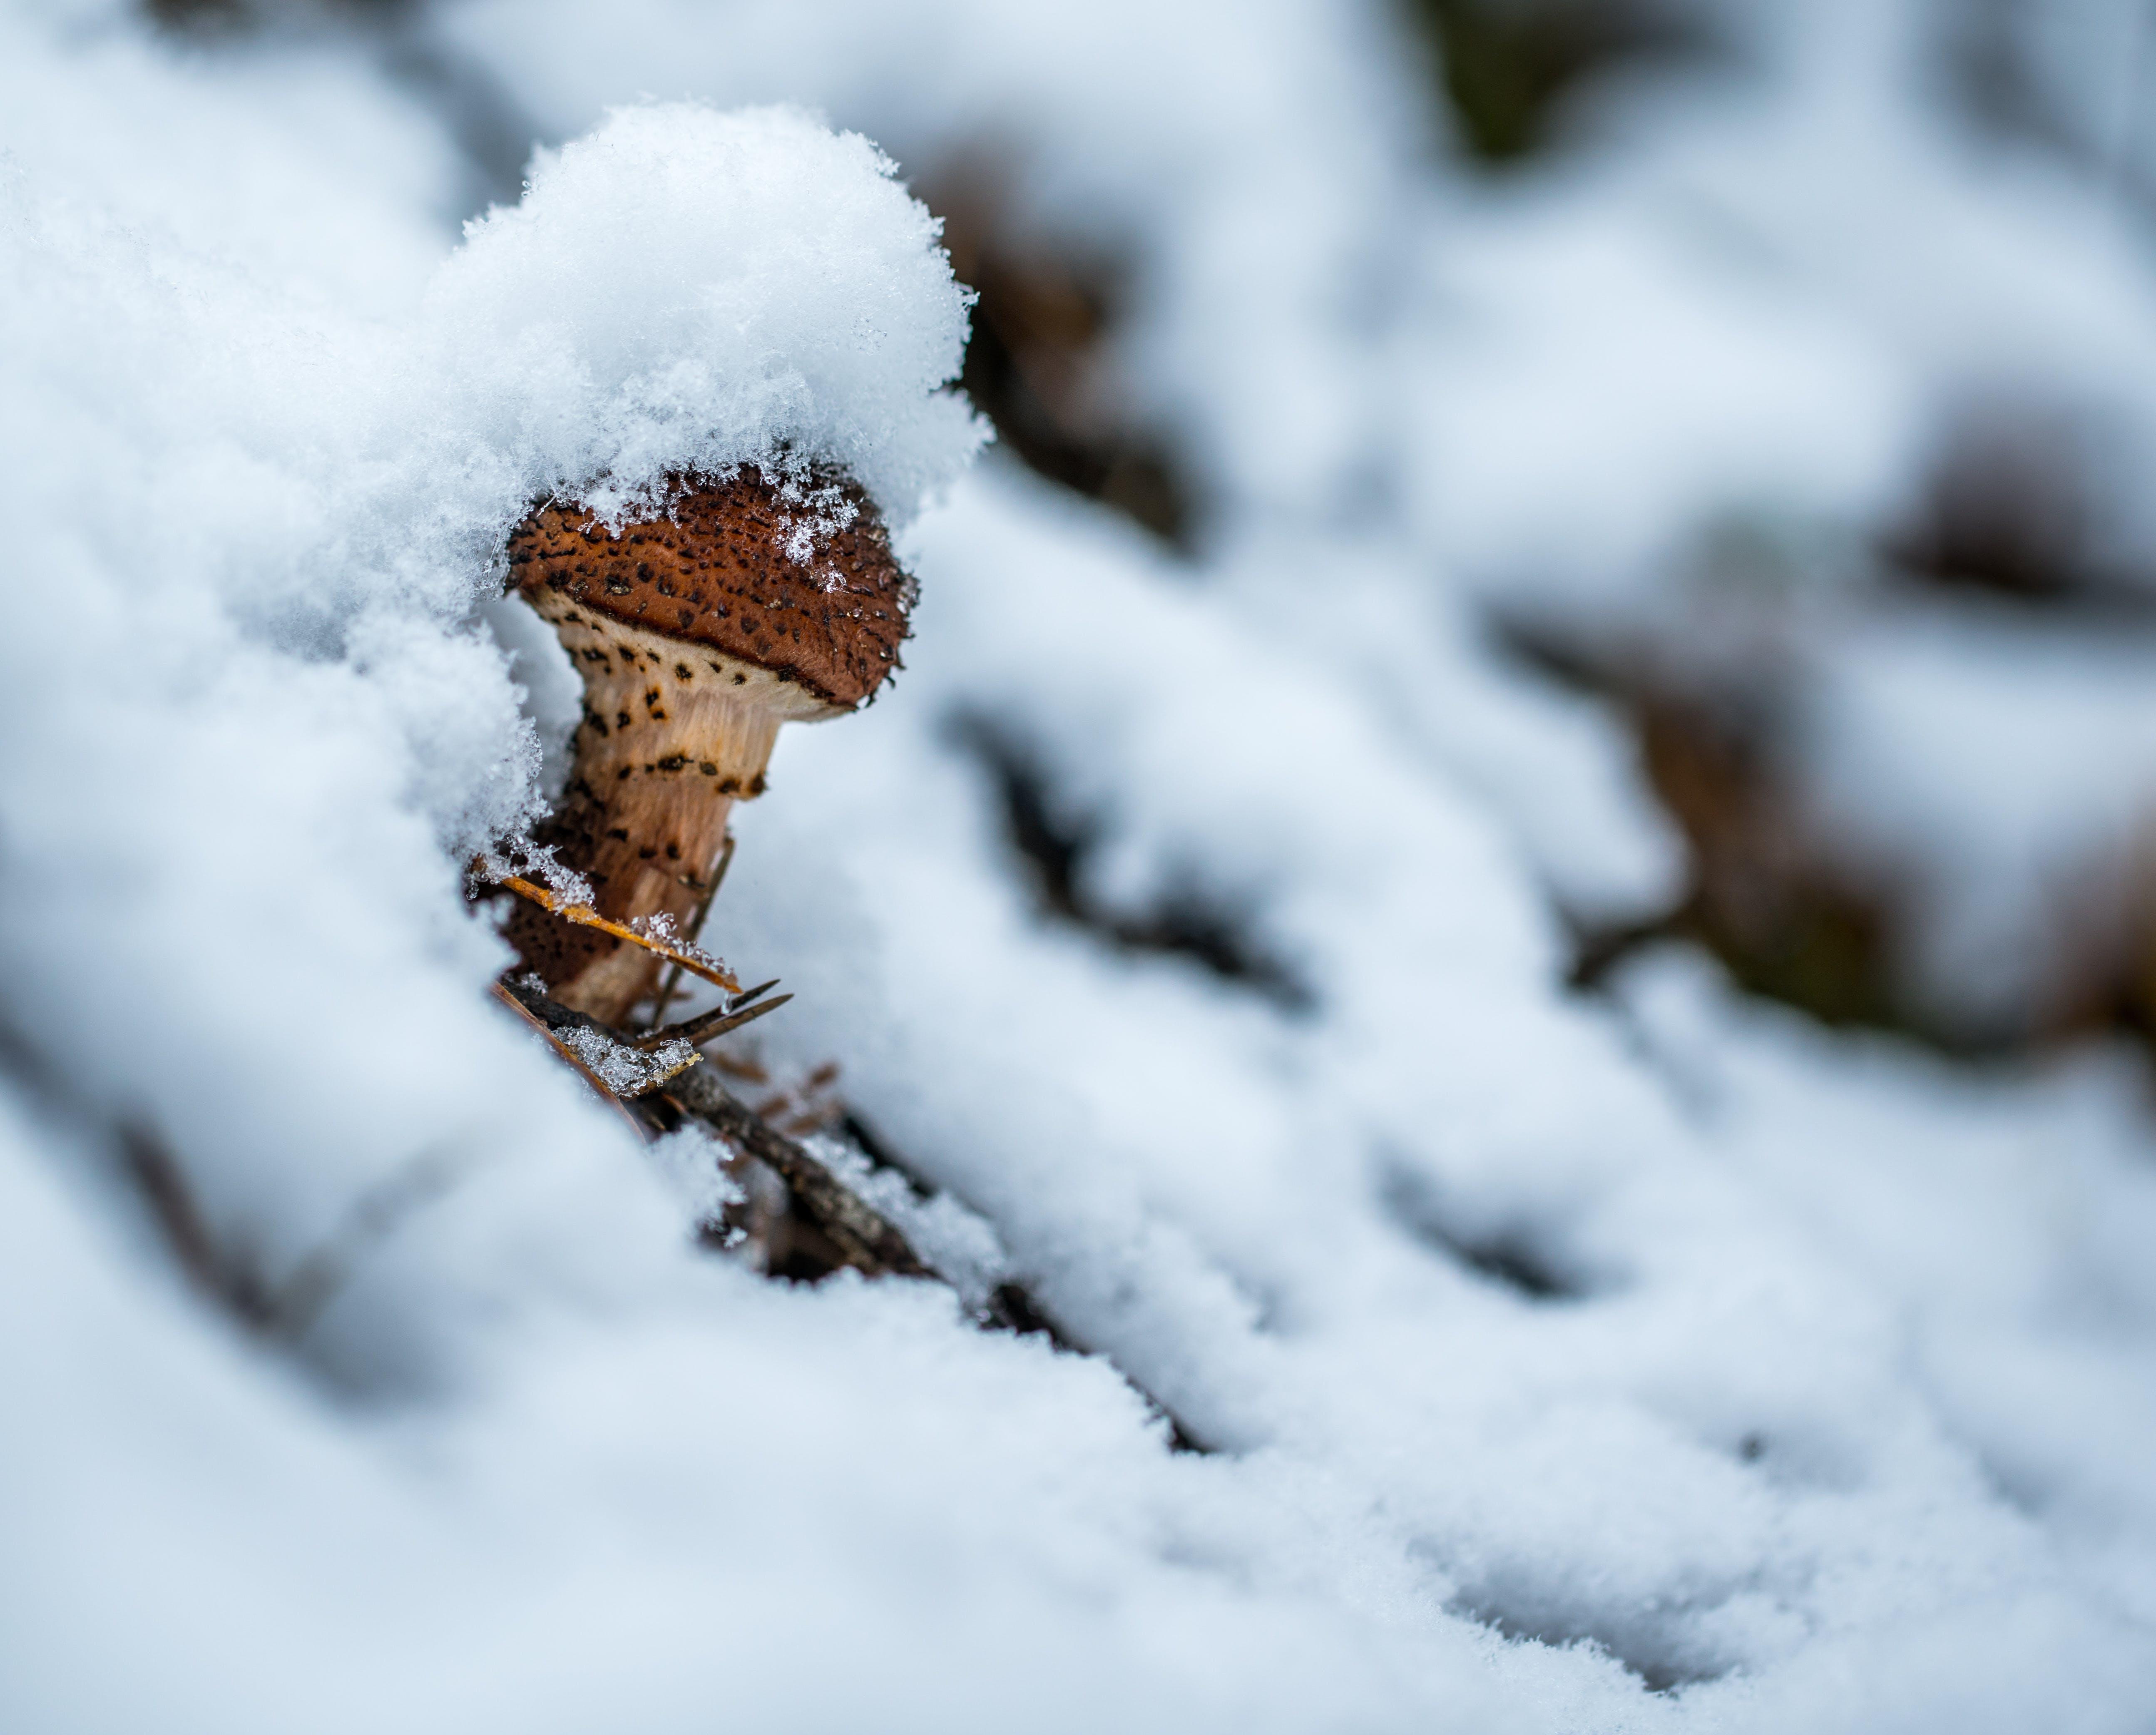 Gratis stockfoto met besneeuwd, bevriezen, bevroren, hout